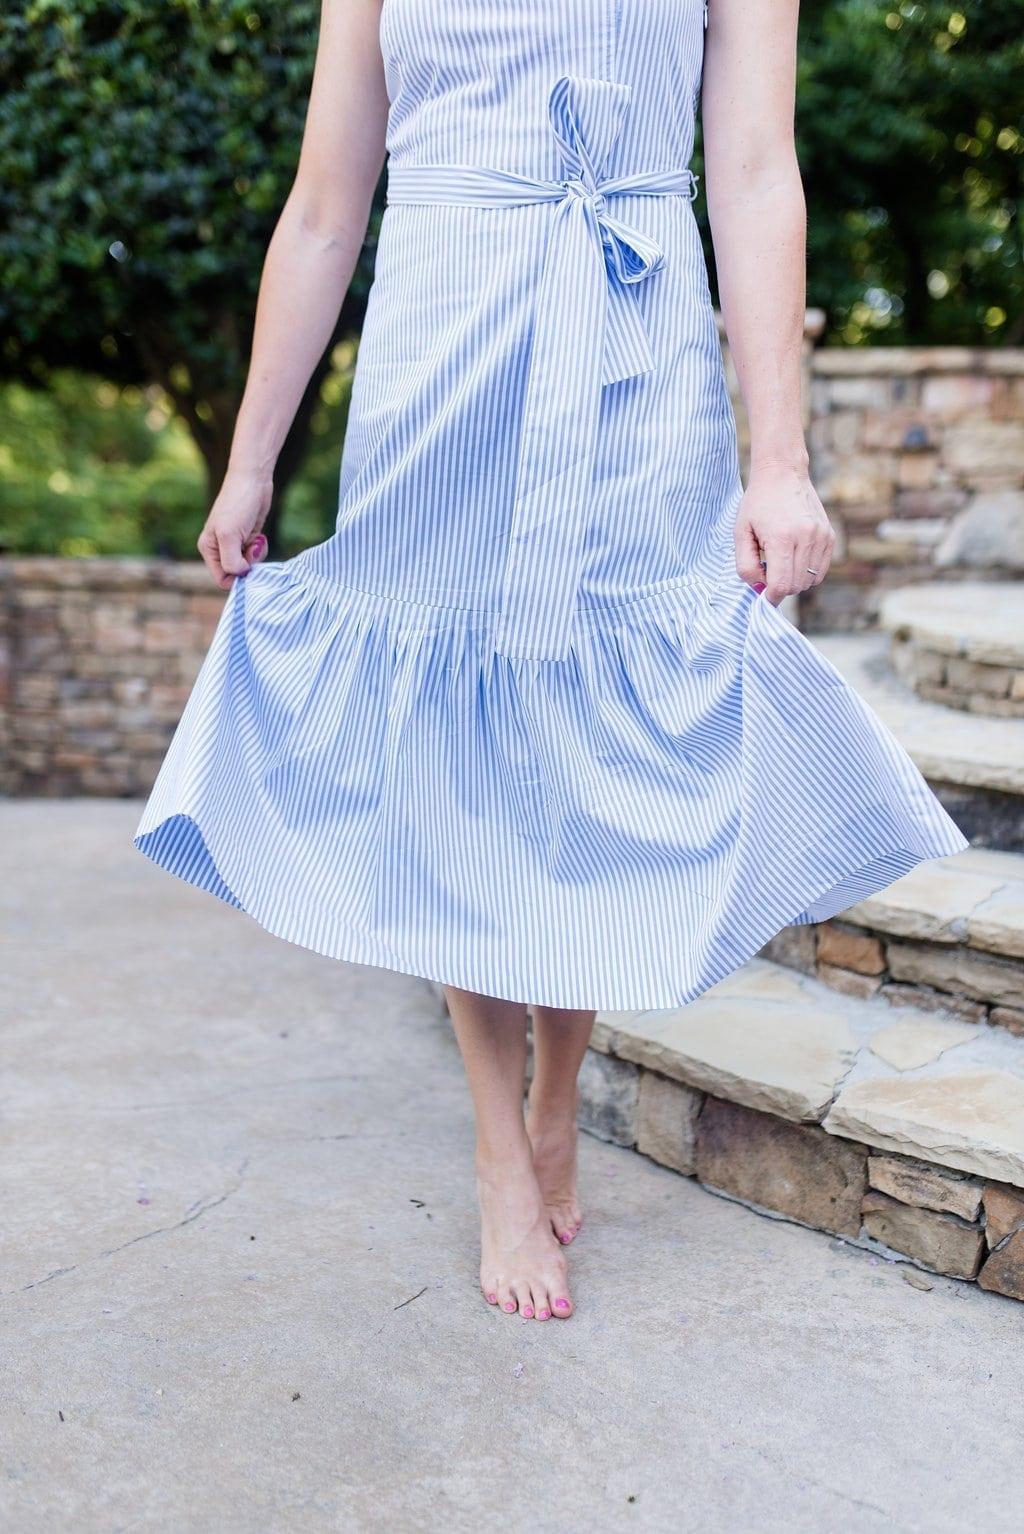 Seersucker dress with ruffle skirt detail.